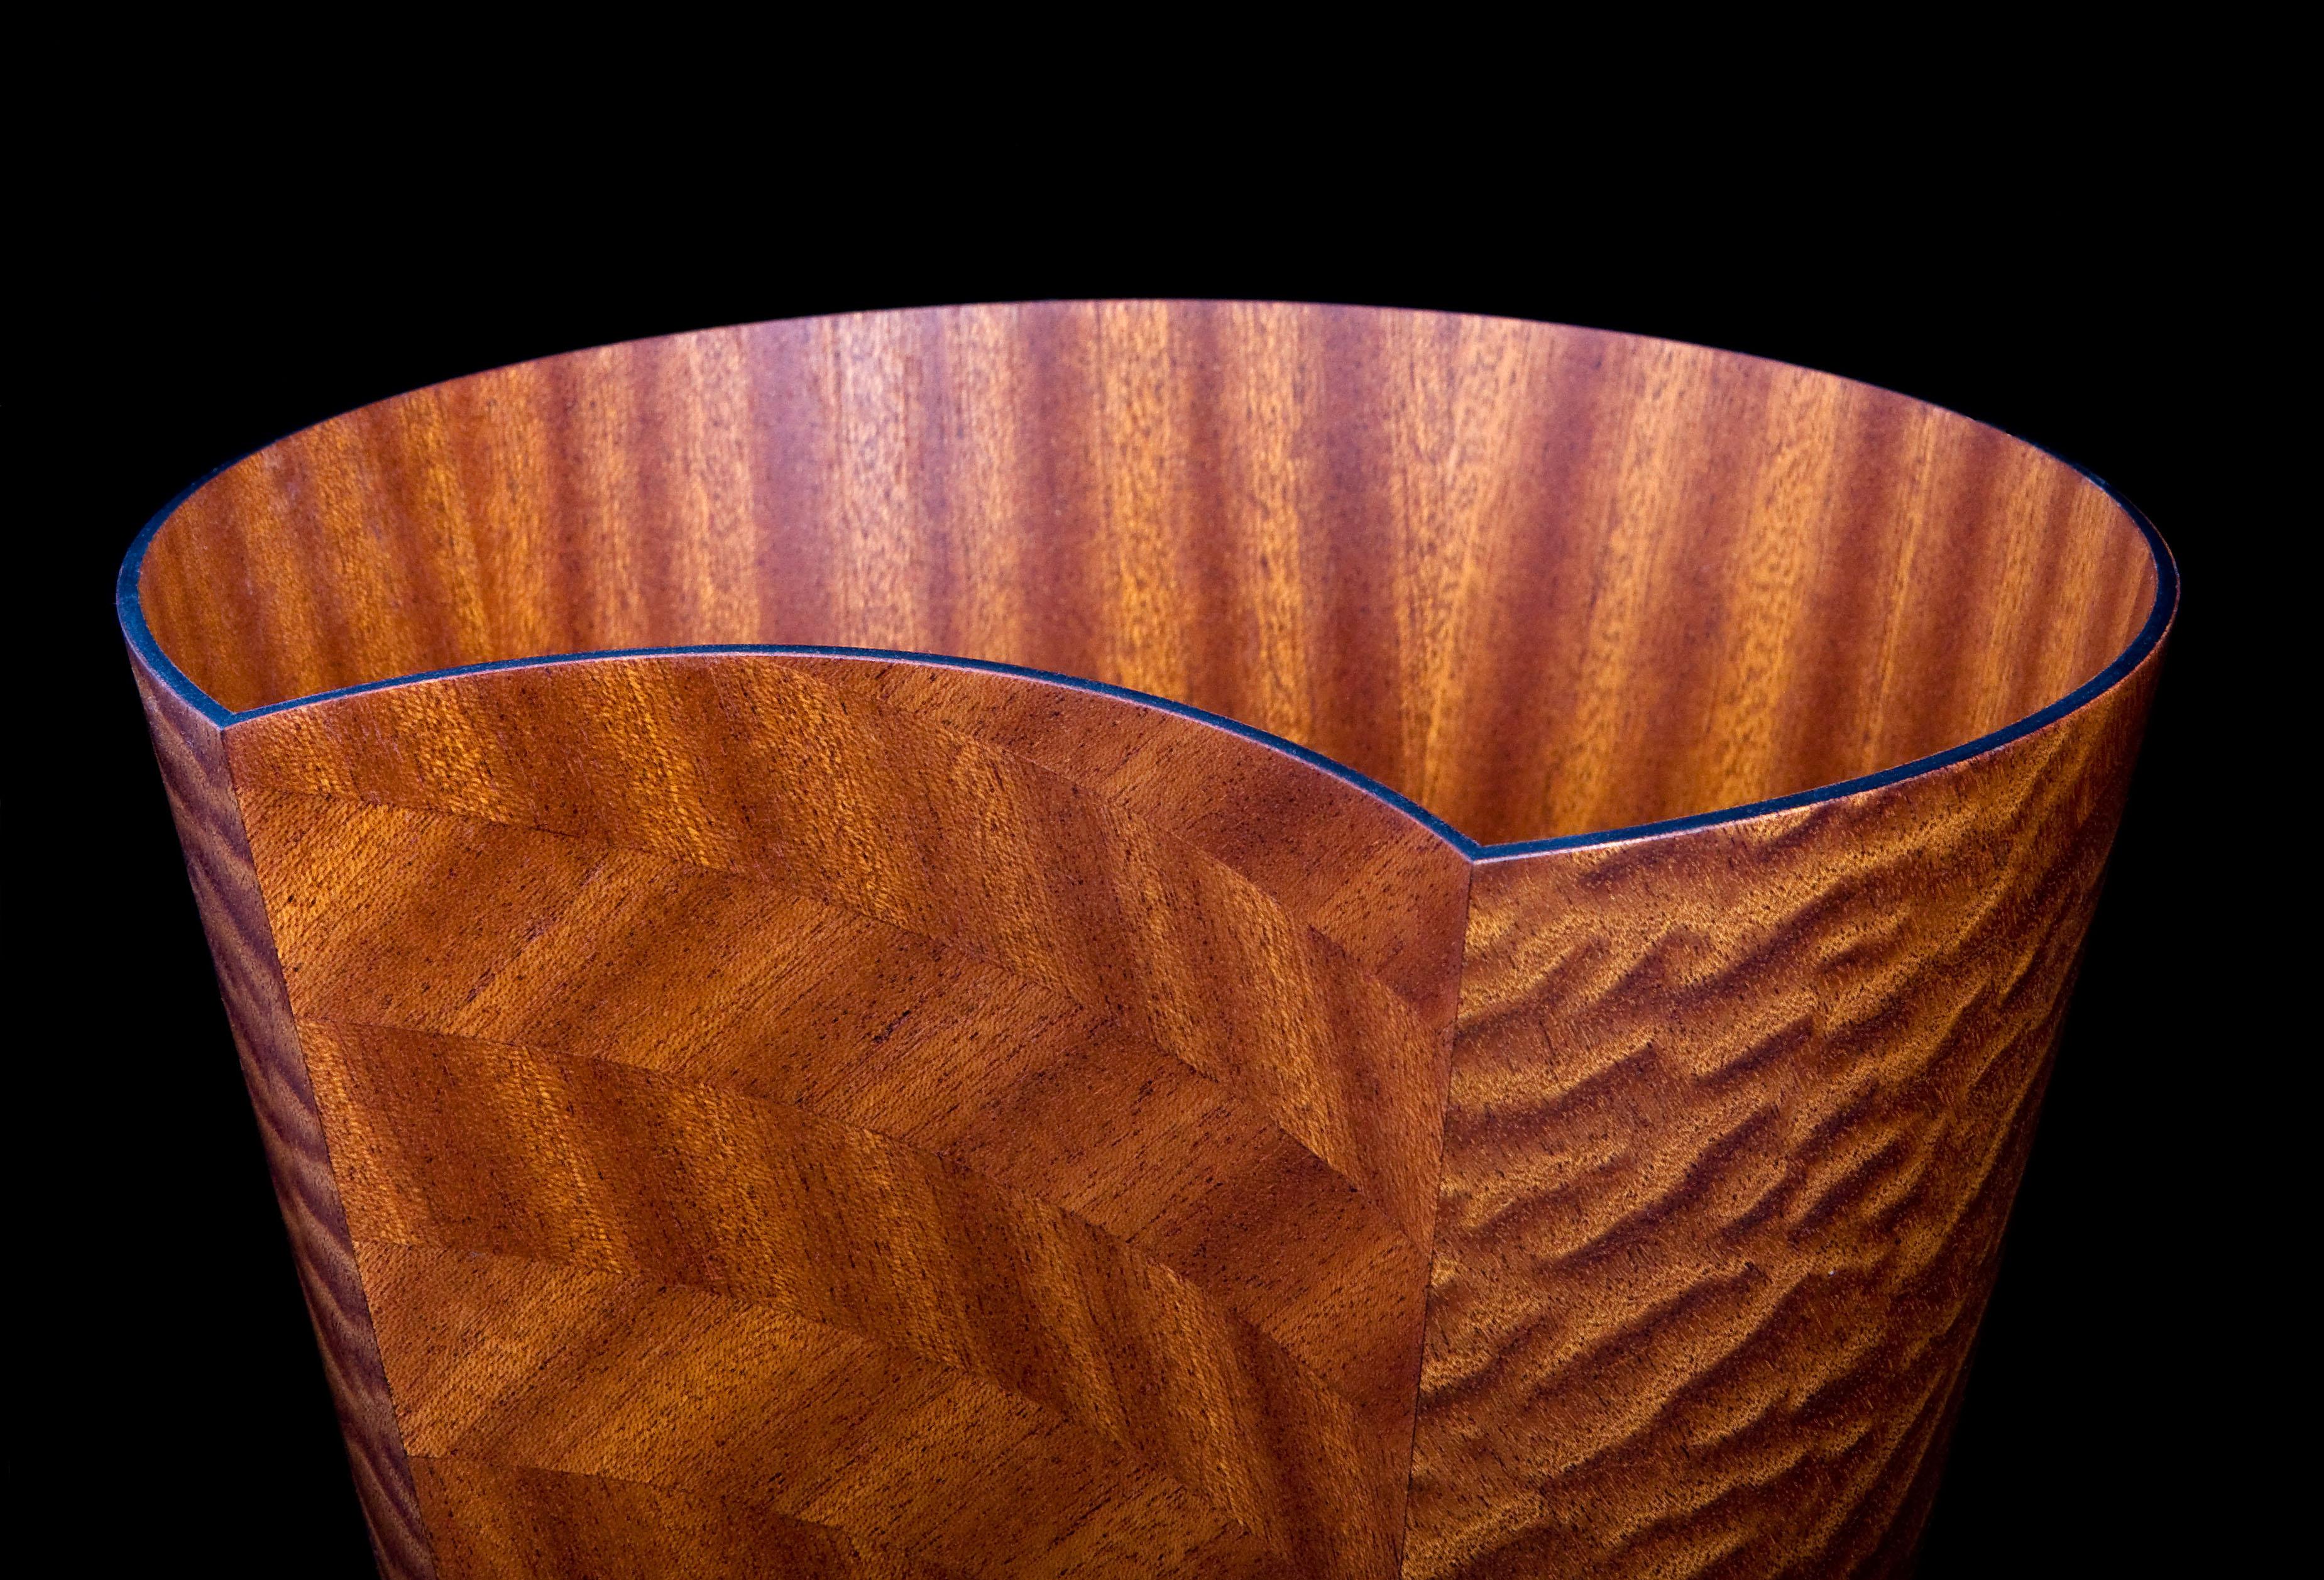 Veneer vessel detail